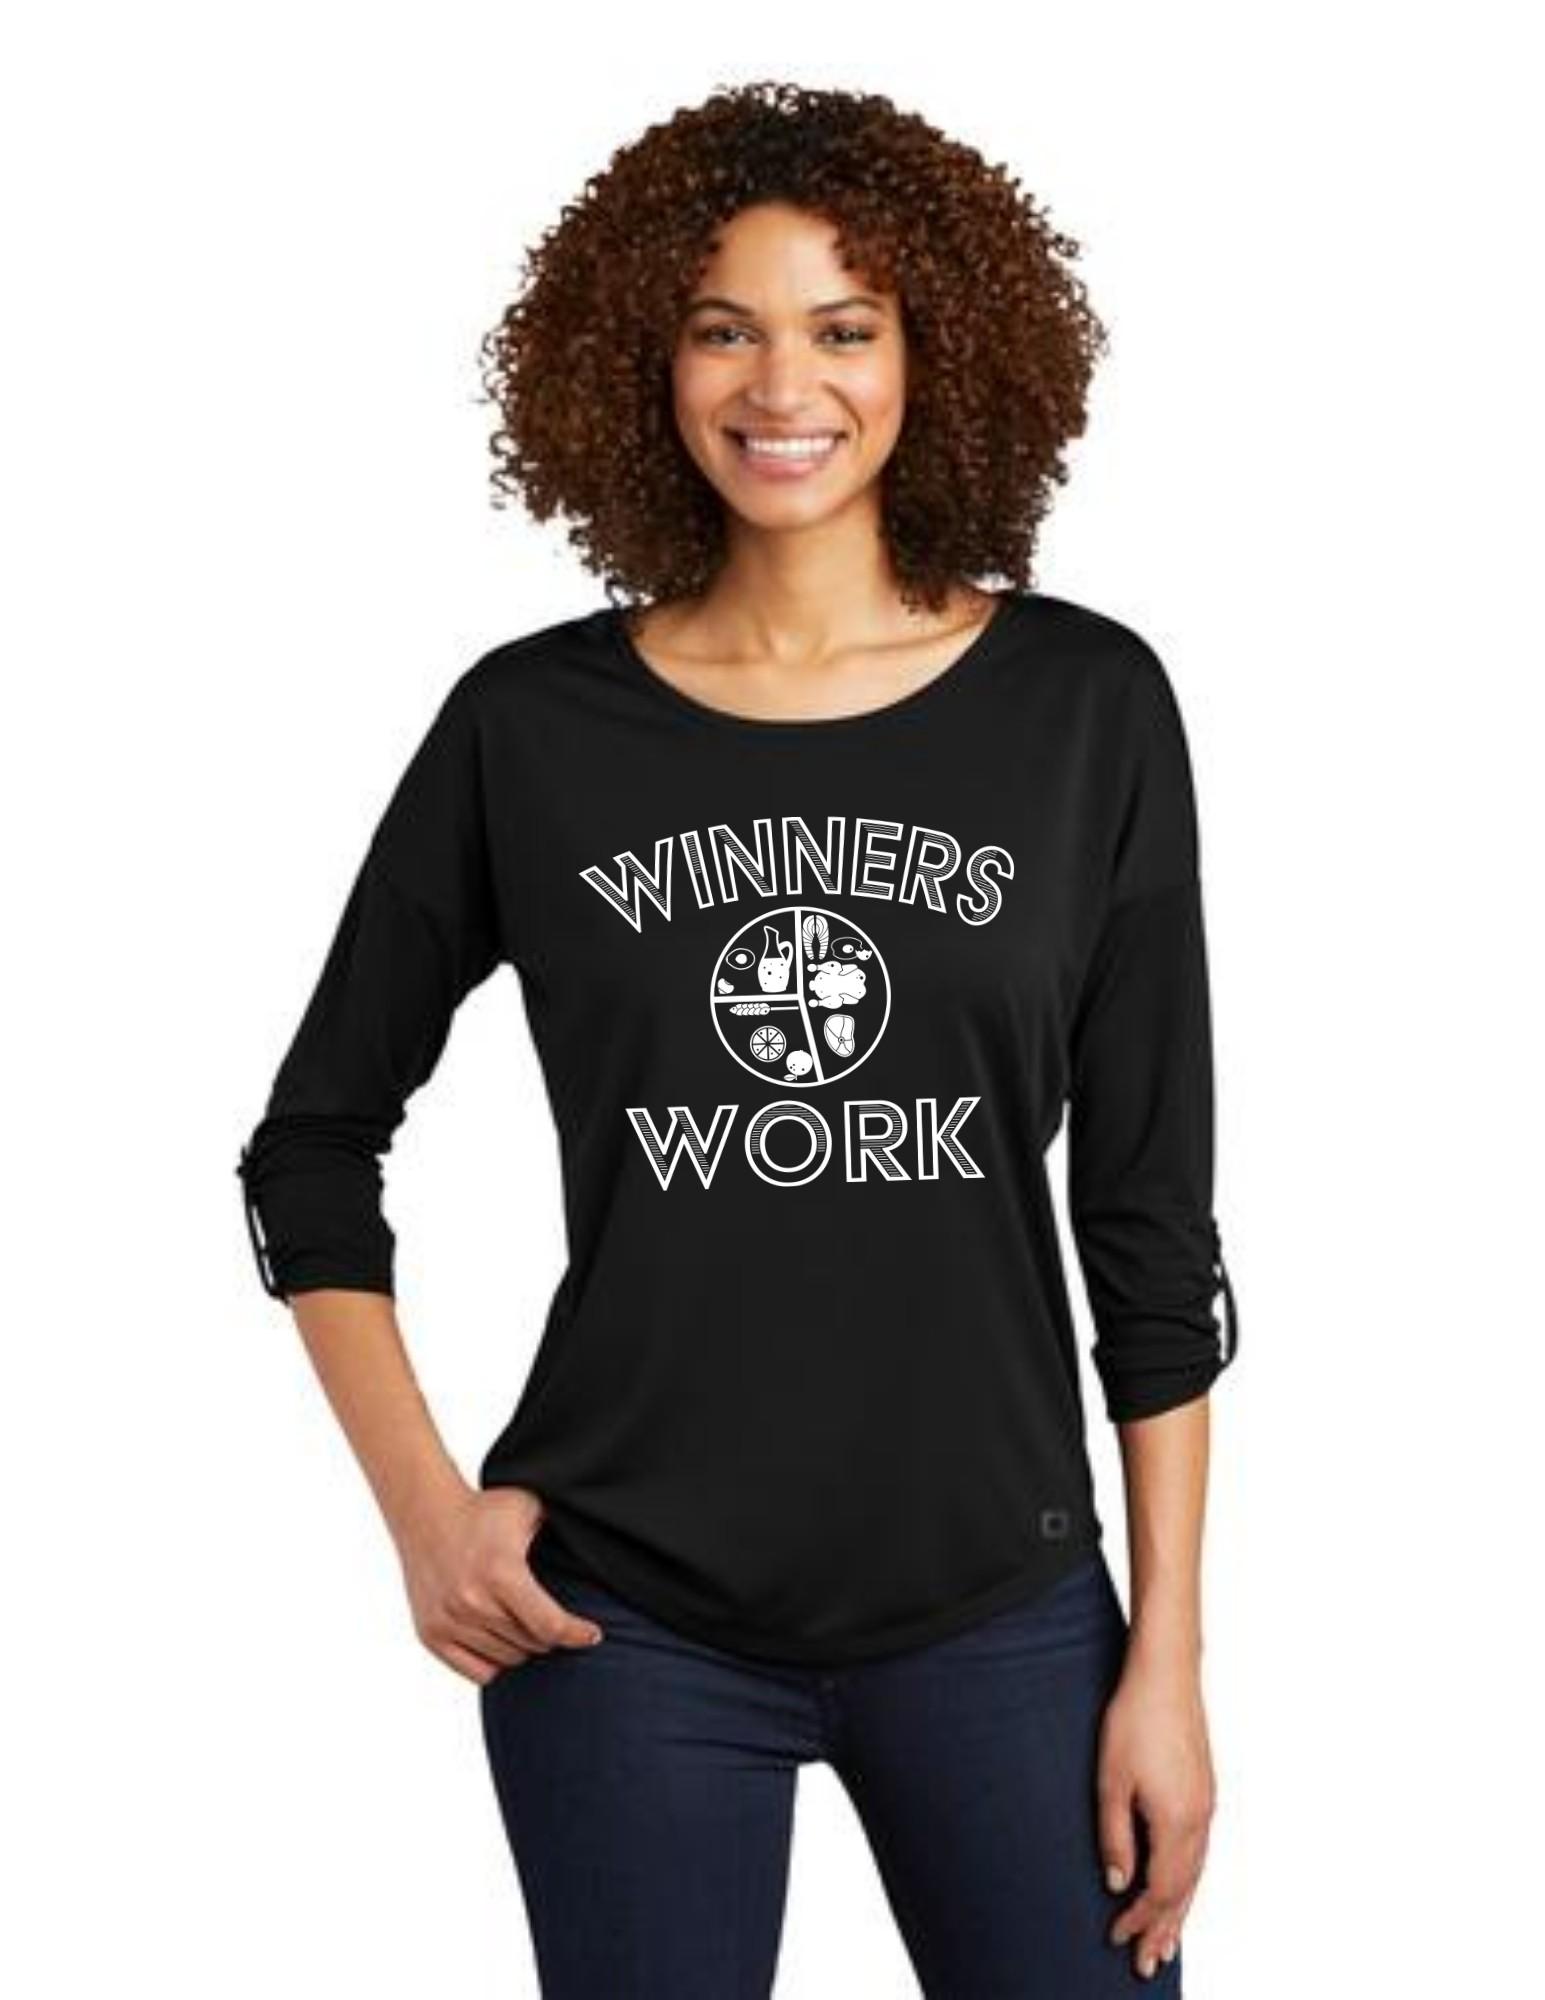 Winners Work OGIO Scoop 3/4-Sleeve